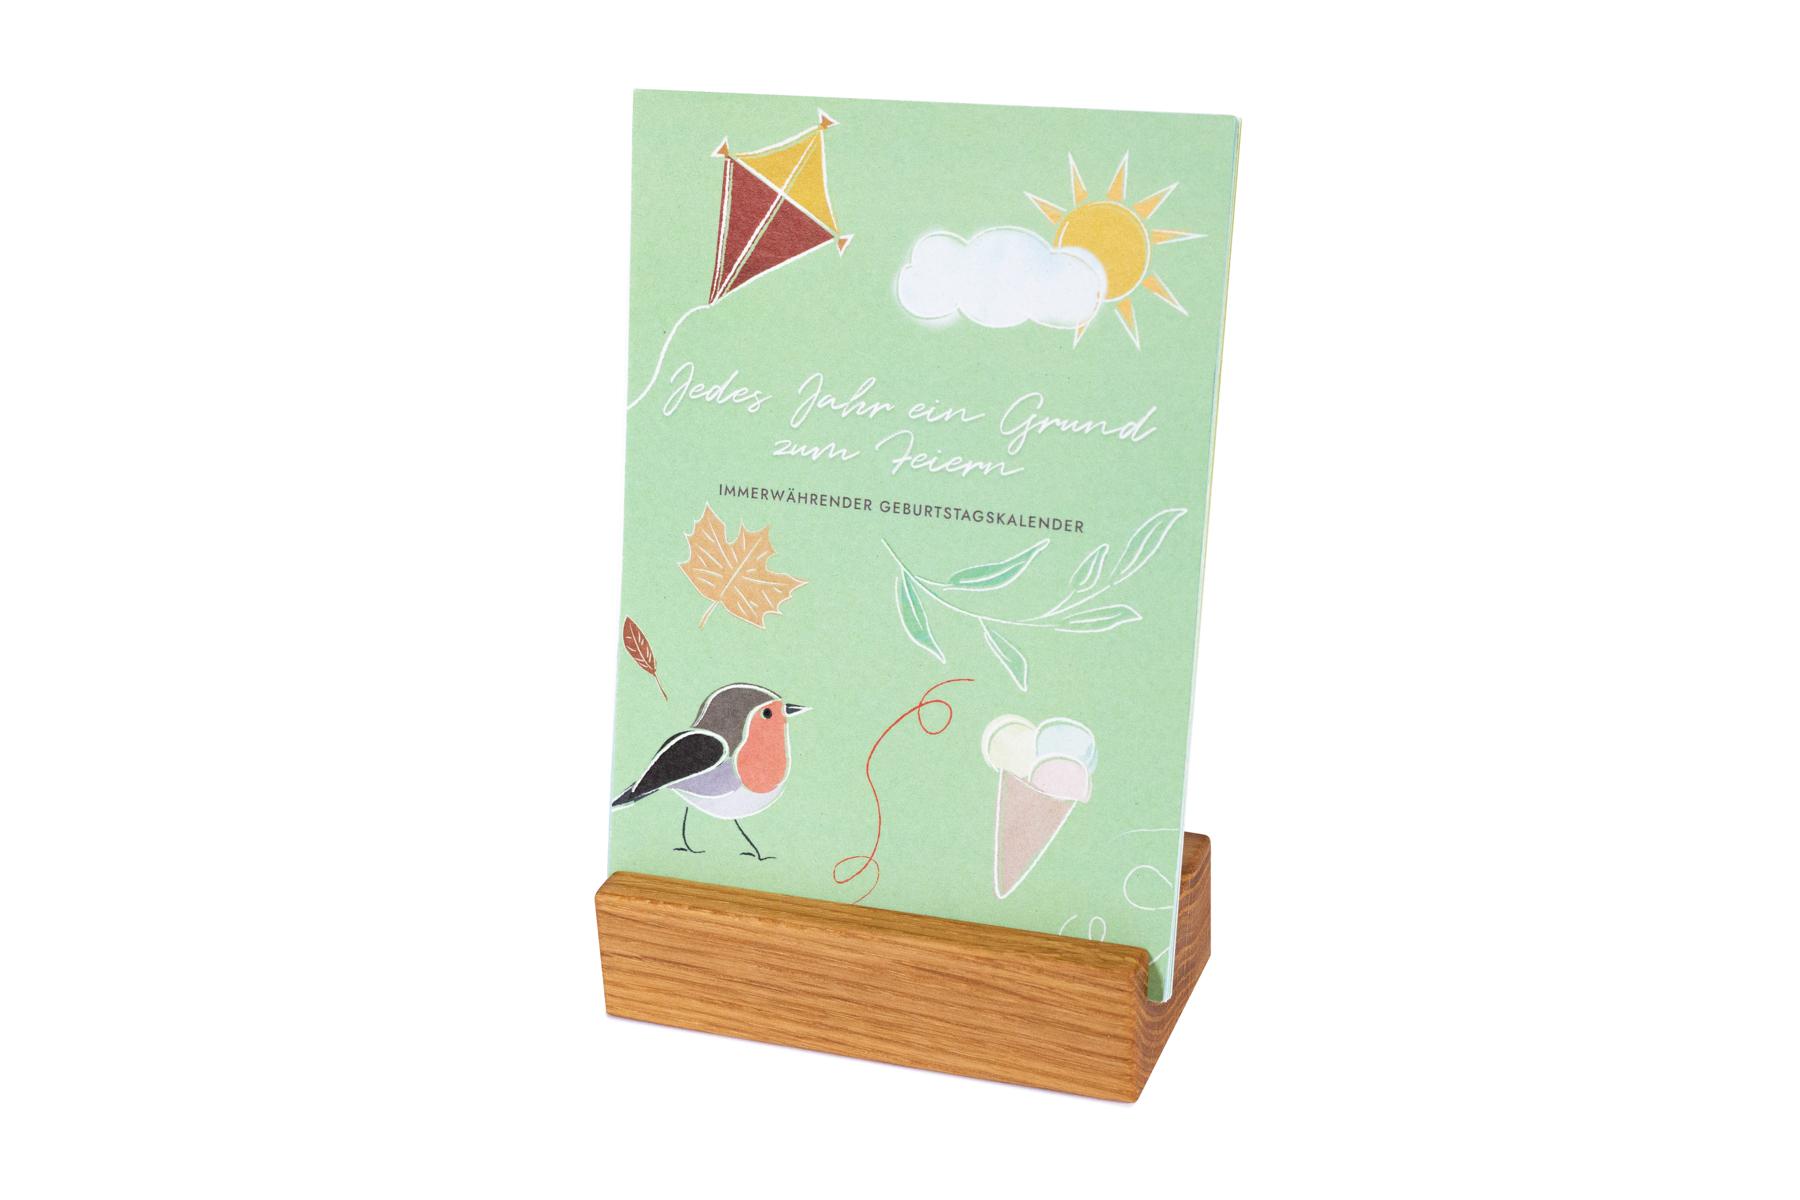 Geburtstagskalender-2